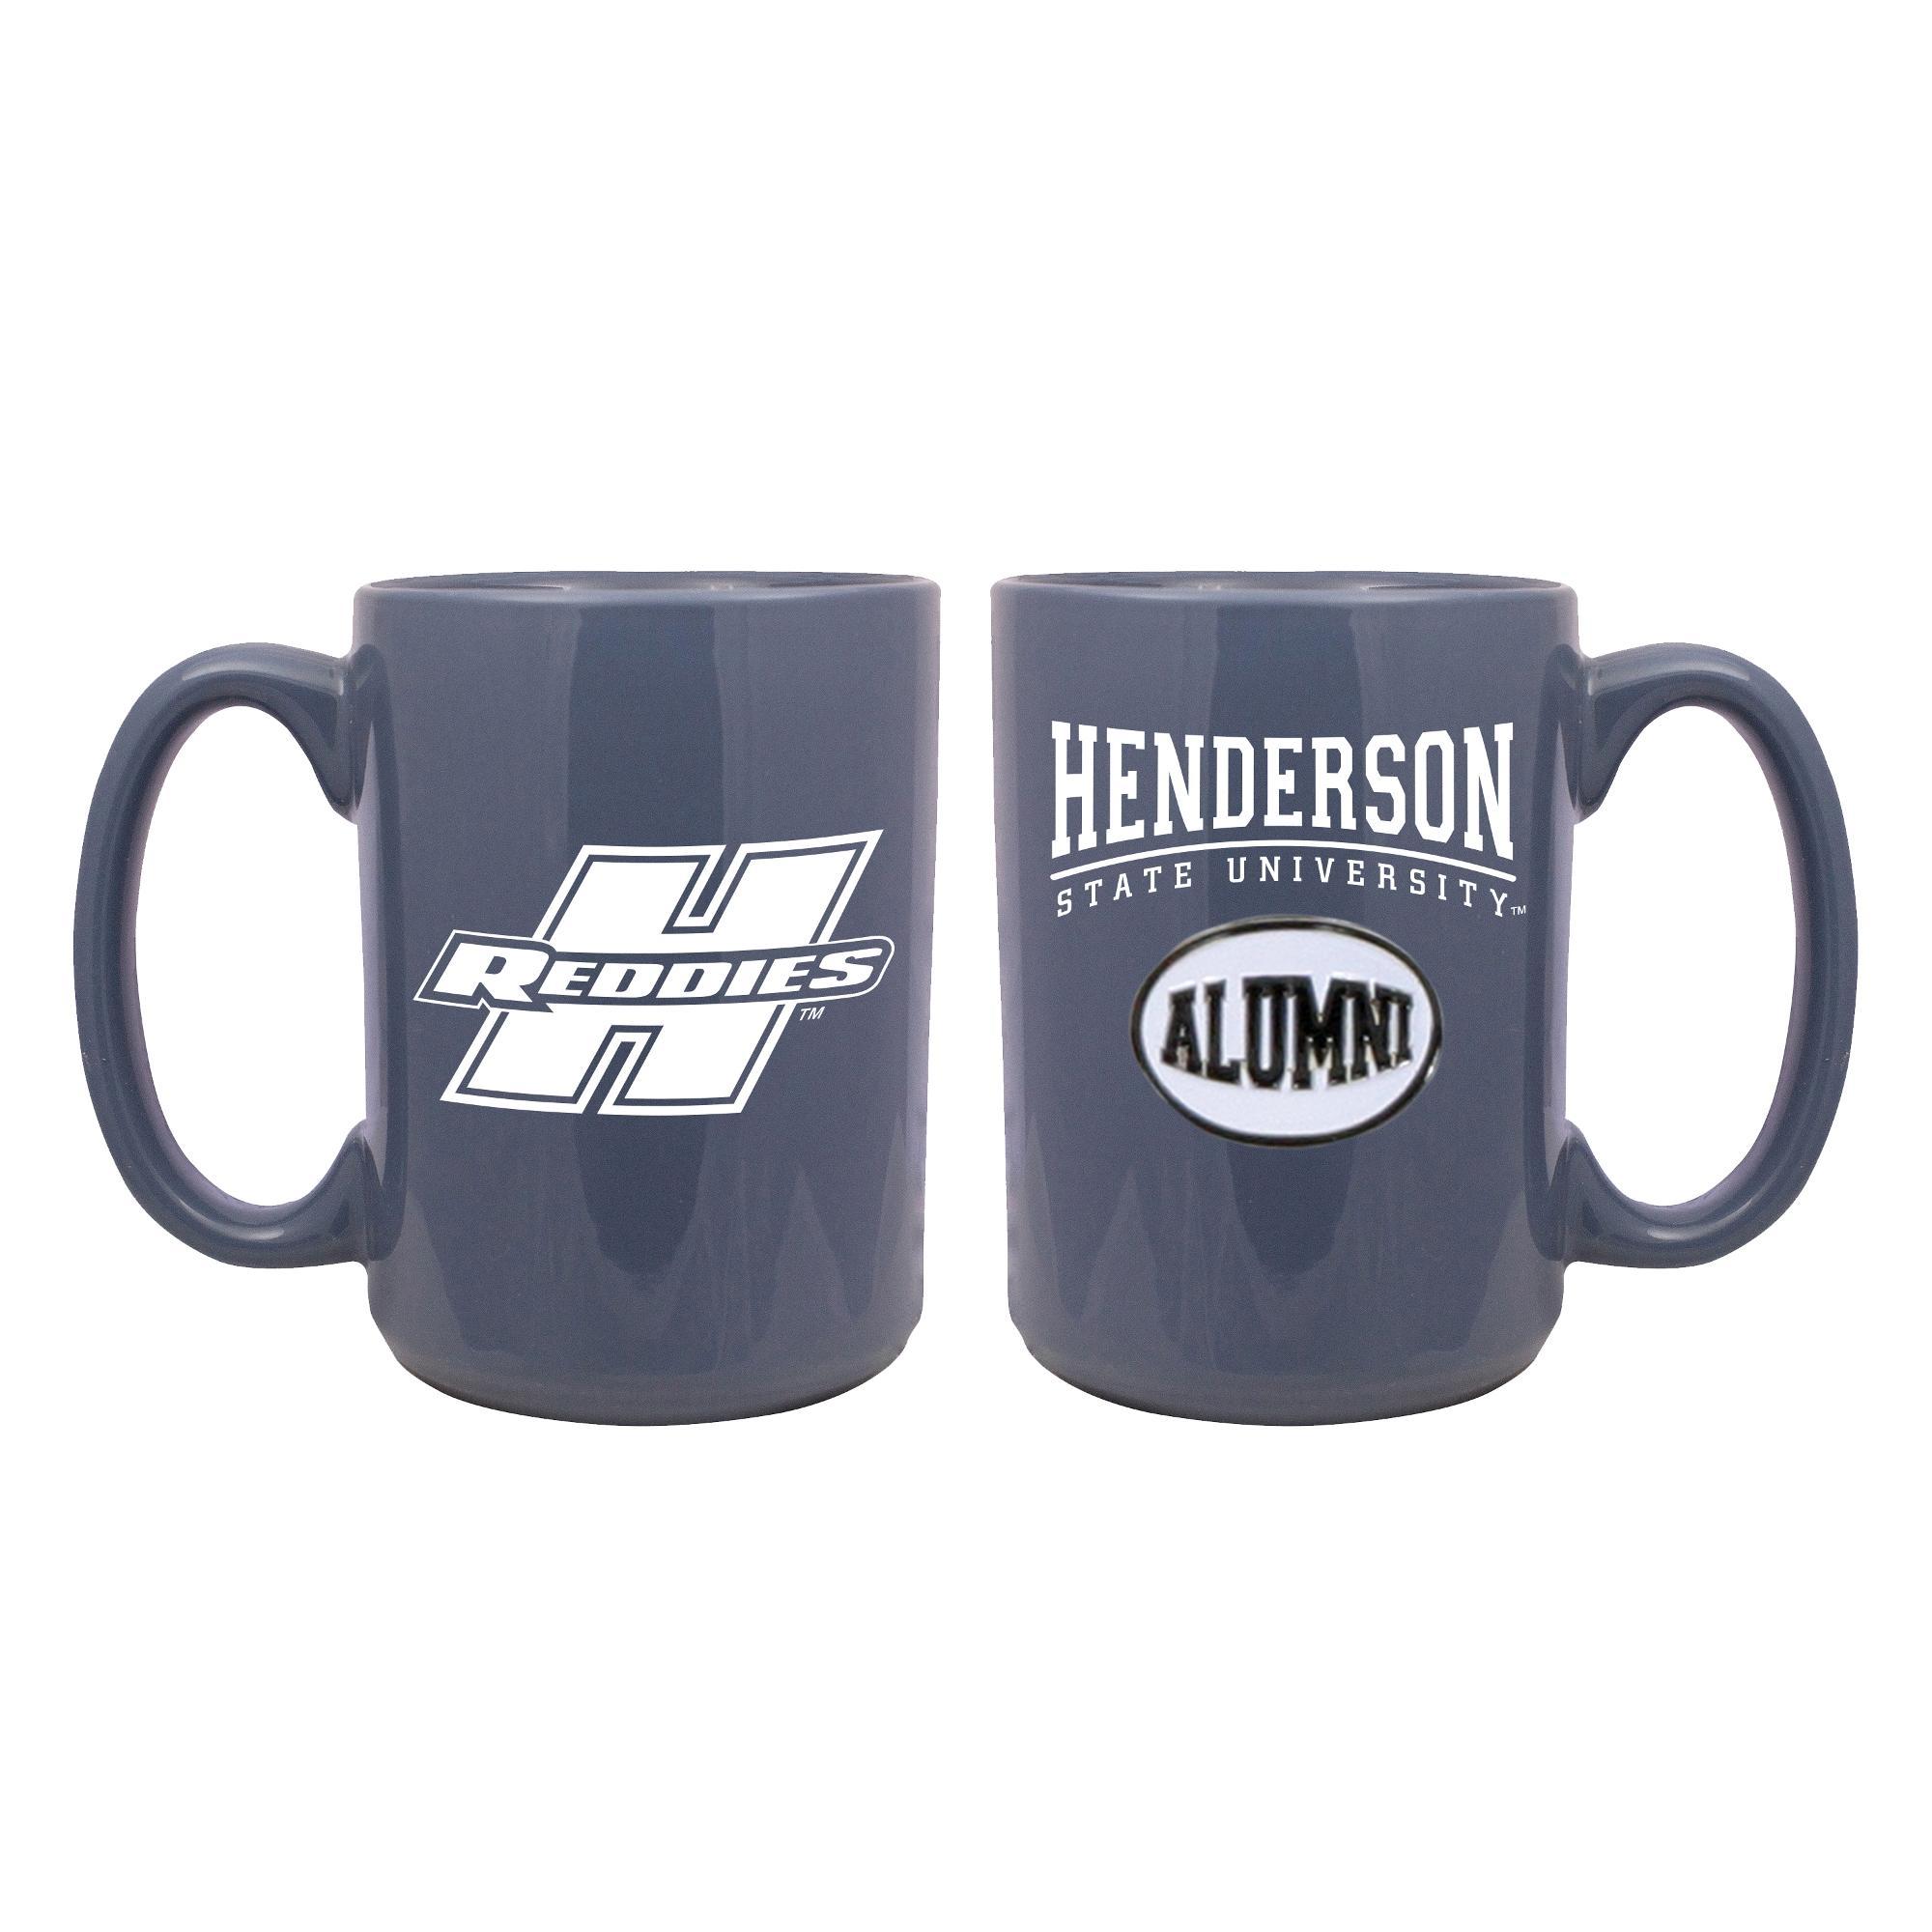 image of: Henderson Reddies Alumni Medallion Mug